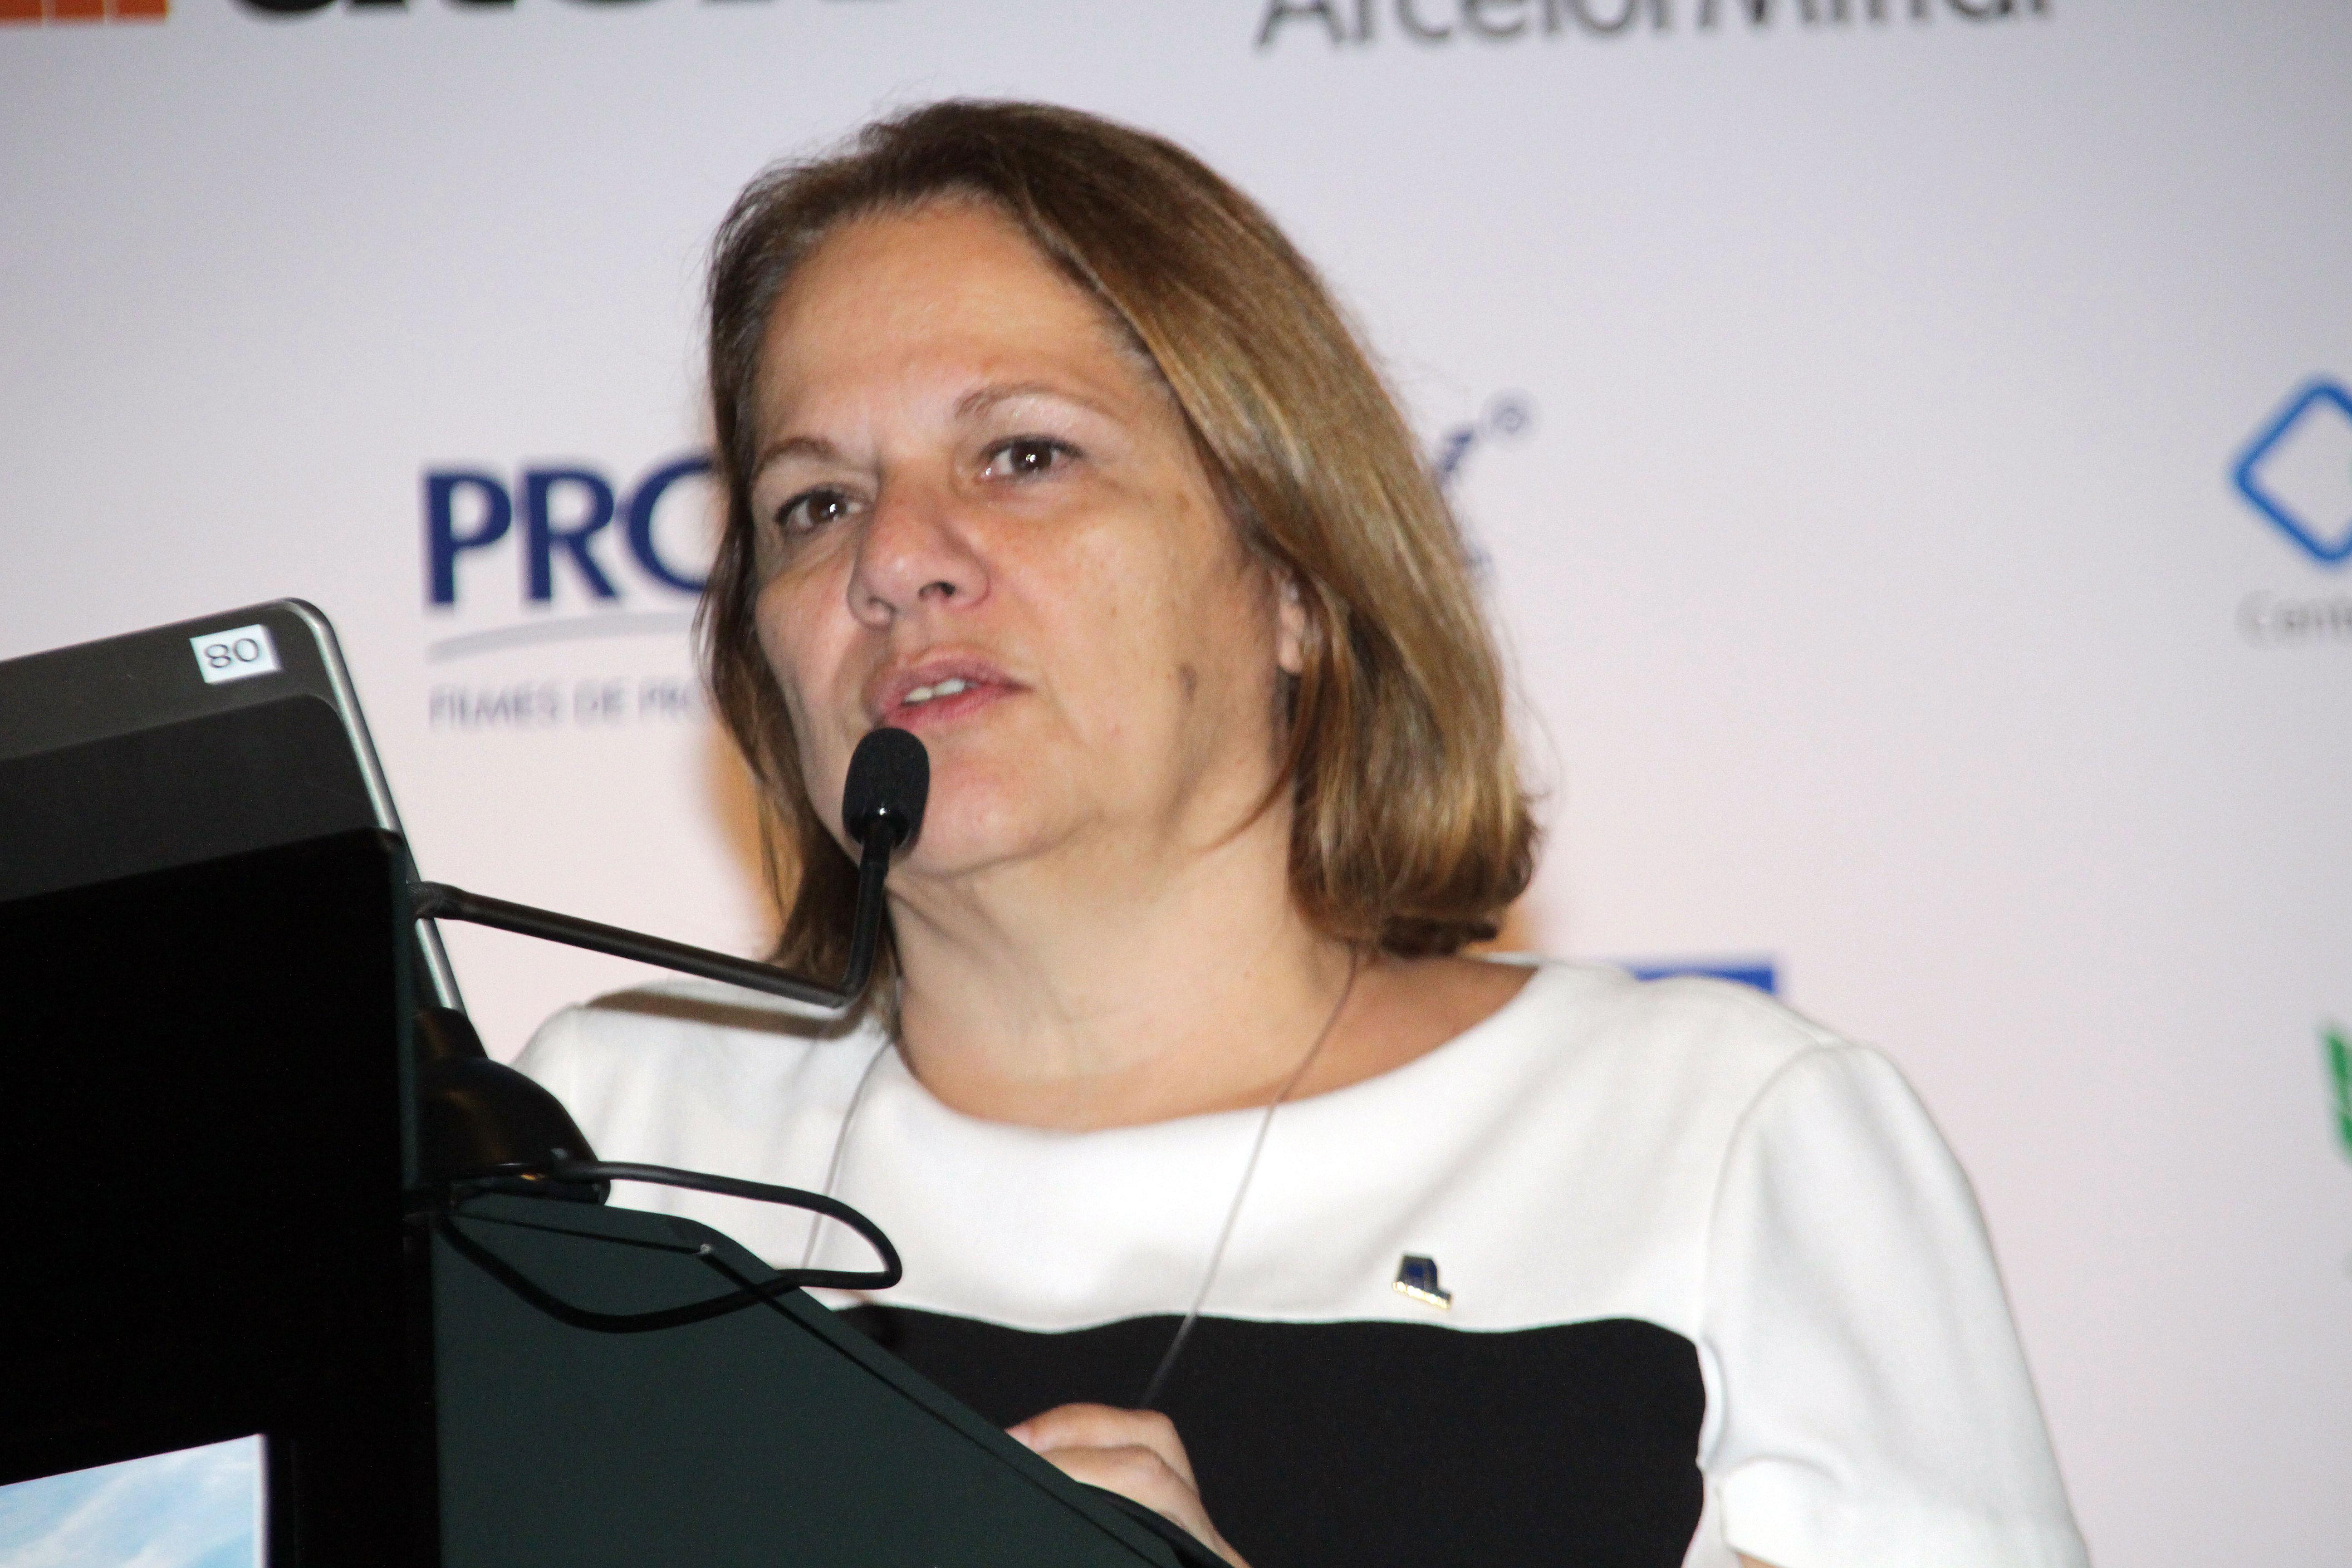 Sueli Bacchareti Bueno: ABECE e Ibracon mantém comitê ativo para analisar e preparar revisão em 2019